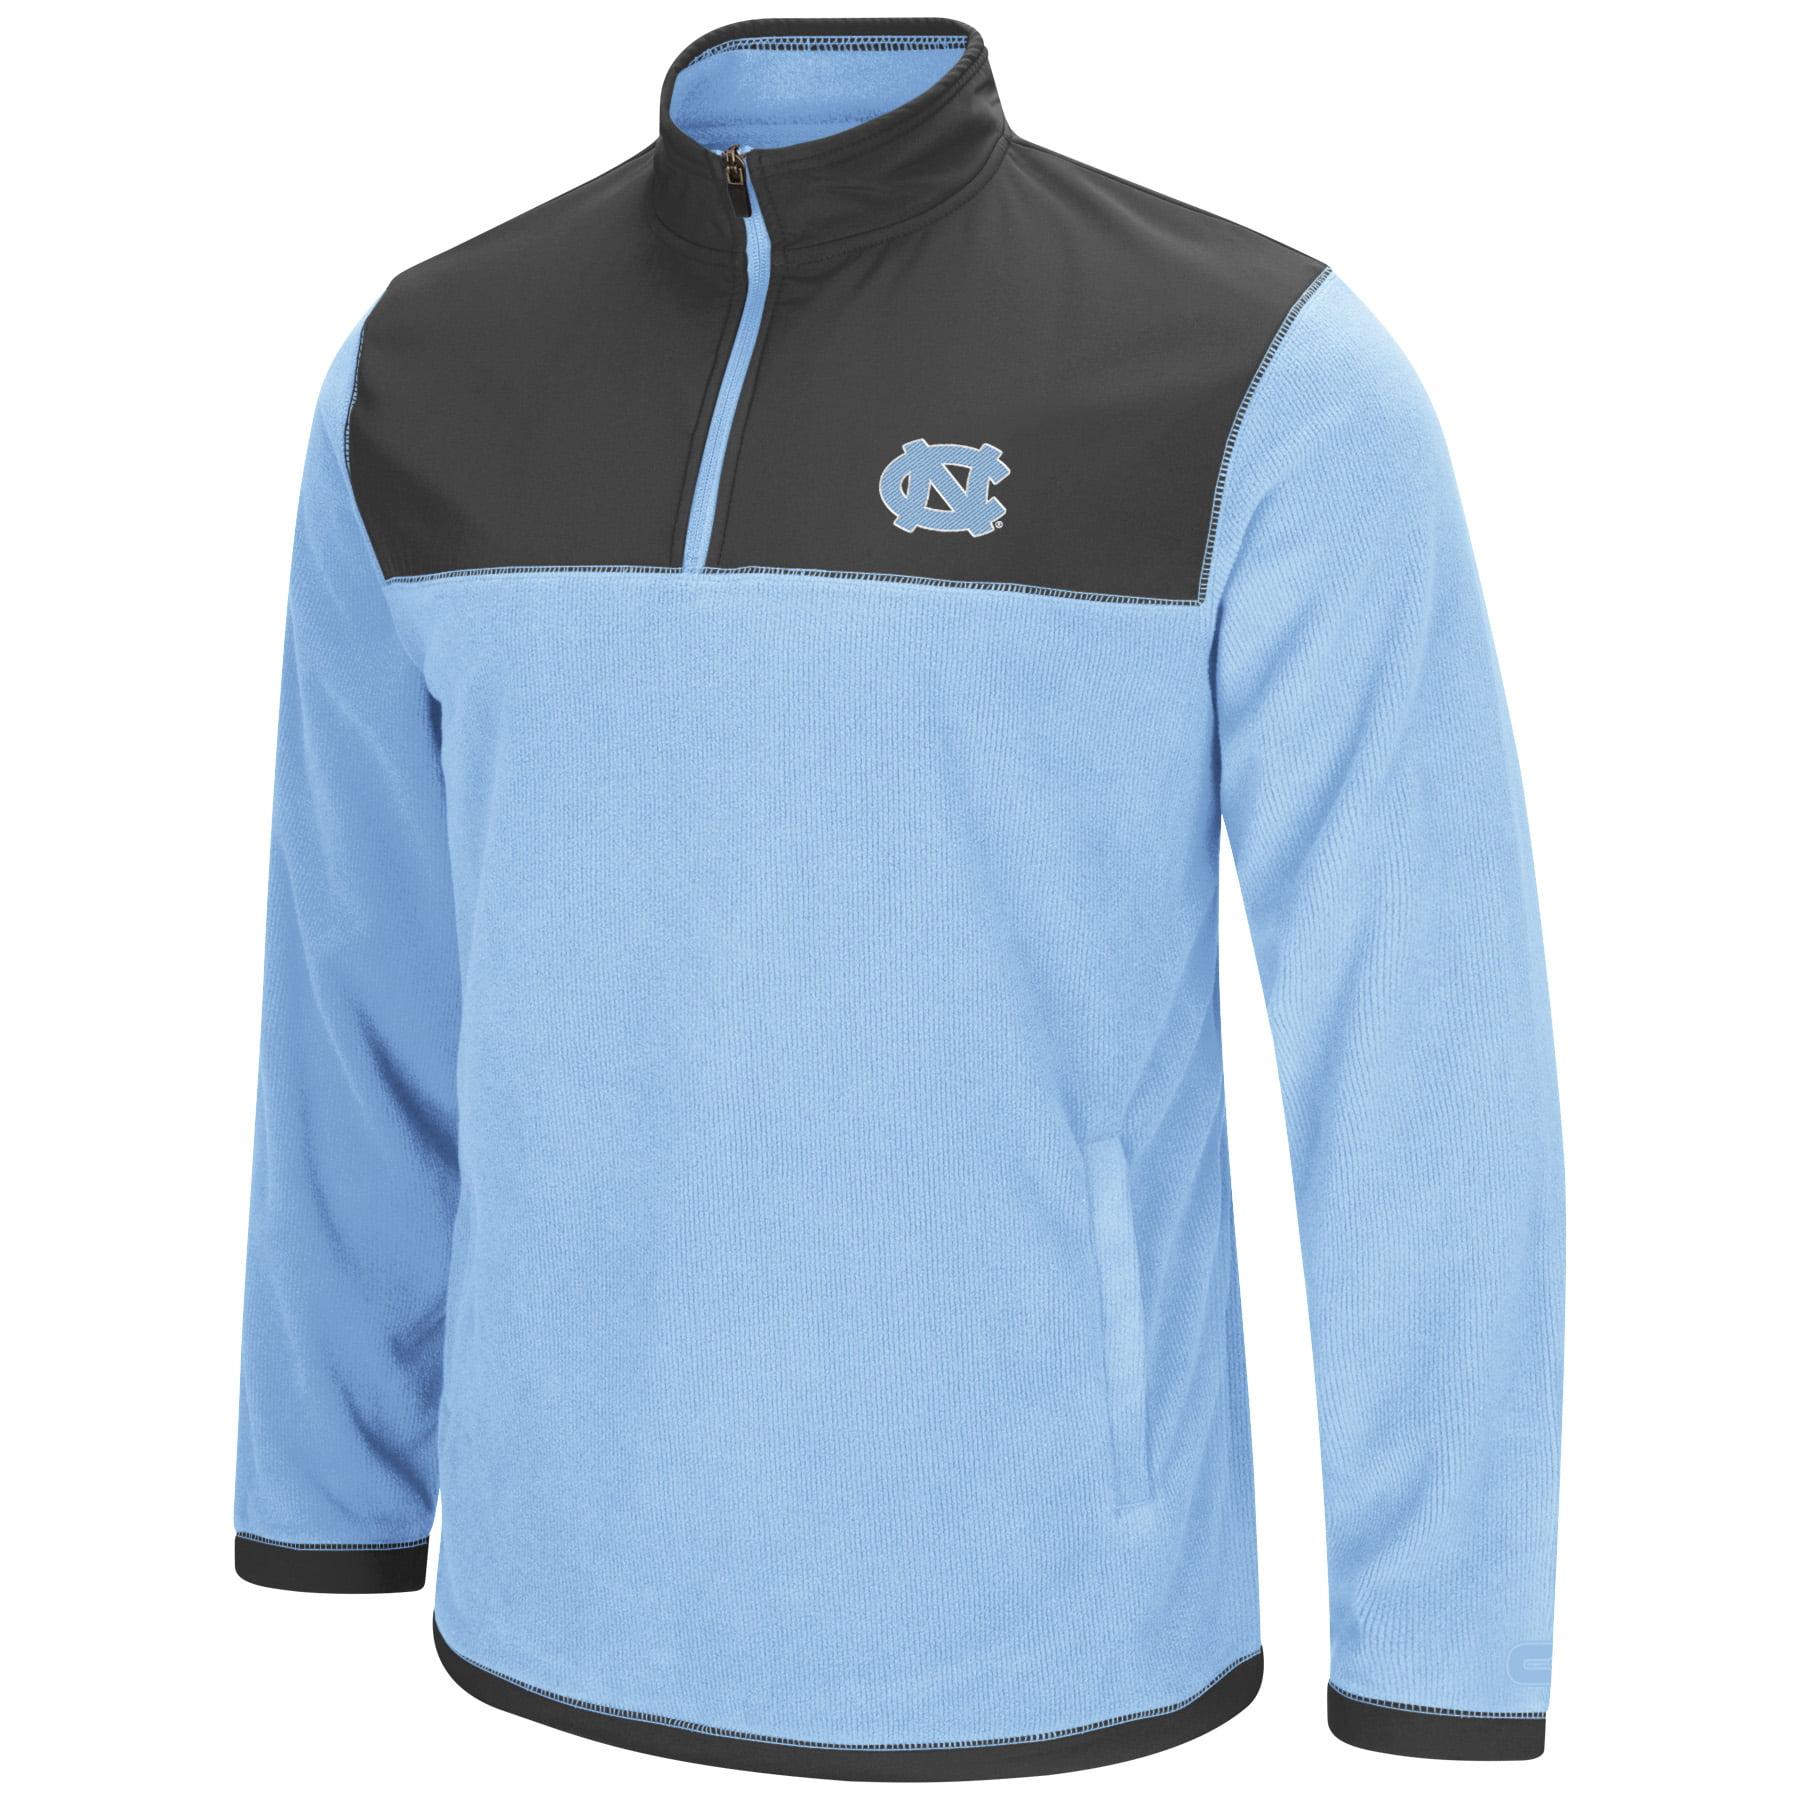 """North Carolina Tarheels NCAA """"Blocker"""" Men's 1 4 Zip Corduroy Fleece Jacket by Colosseum"""